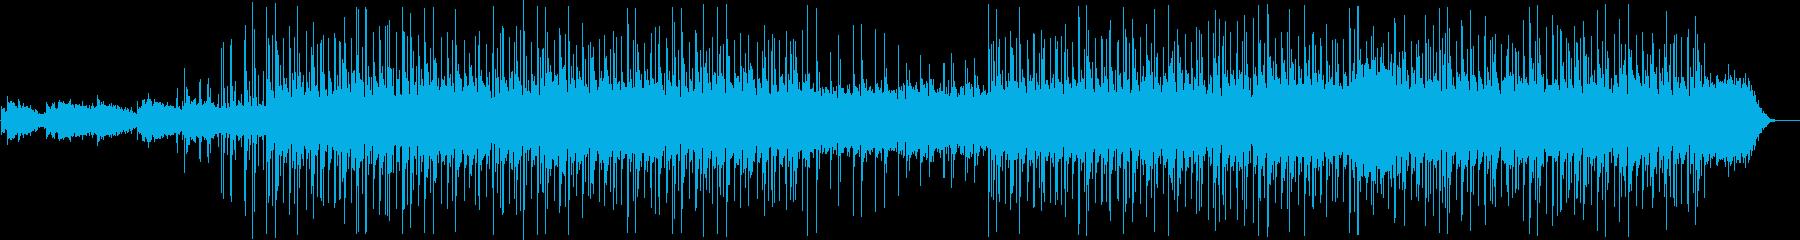 アンビエント サスペンス 説明的 ...の再生済みの波形